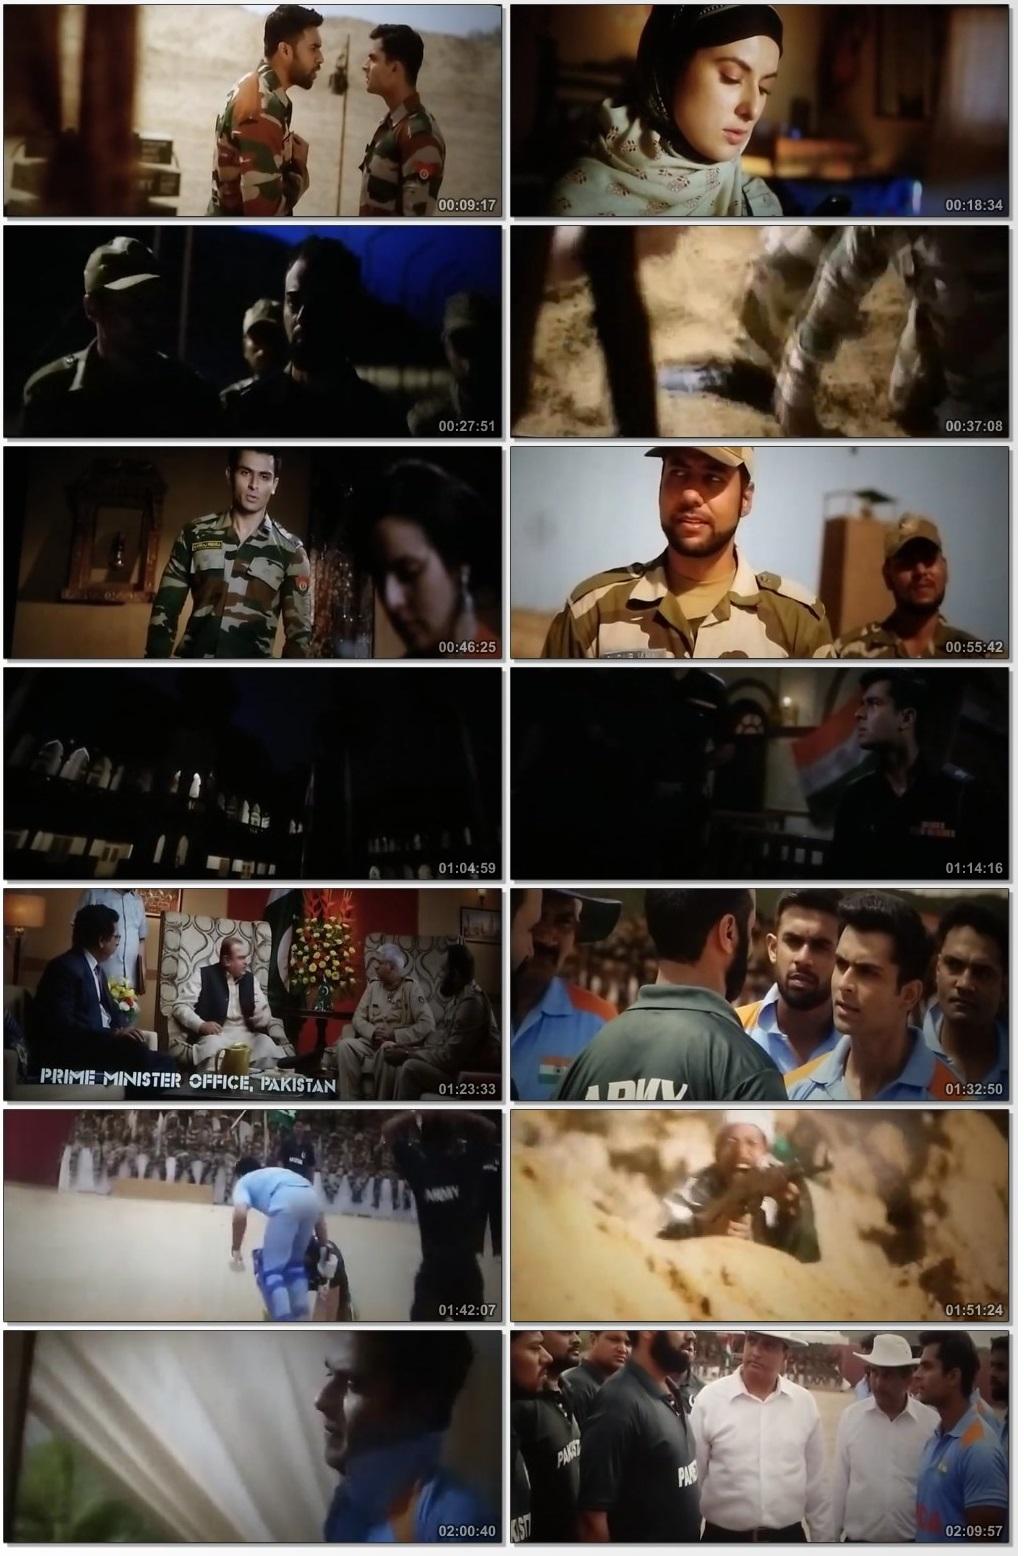 3e1dfda7aec6f9526752e89fa61601b2 Battalion 609 (2019) Full Movie Download 300MB 480P PDVD HD Free Hindi